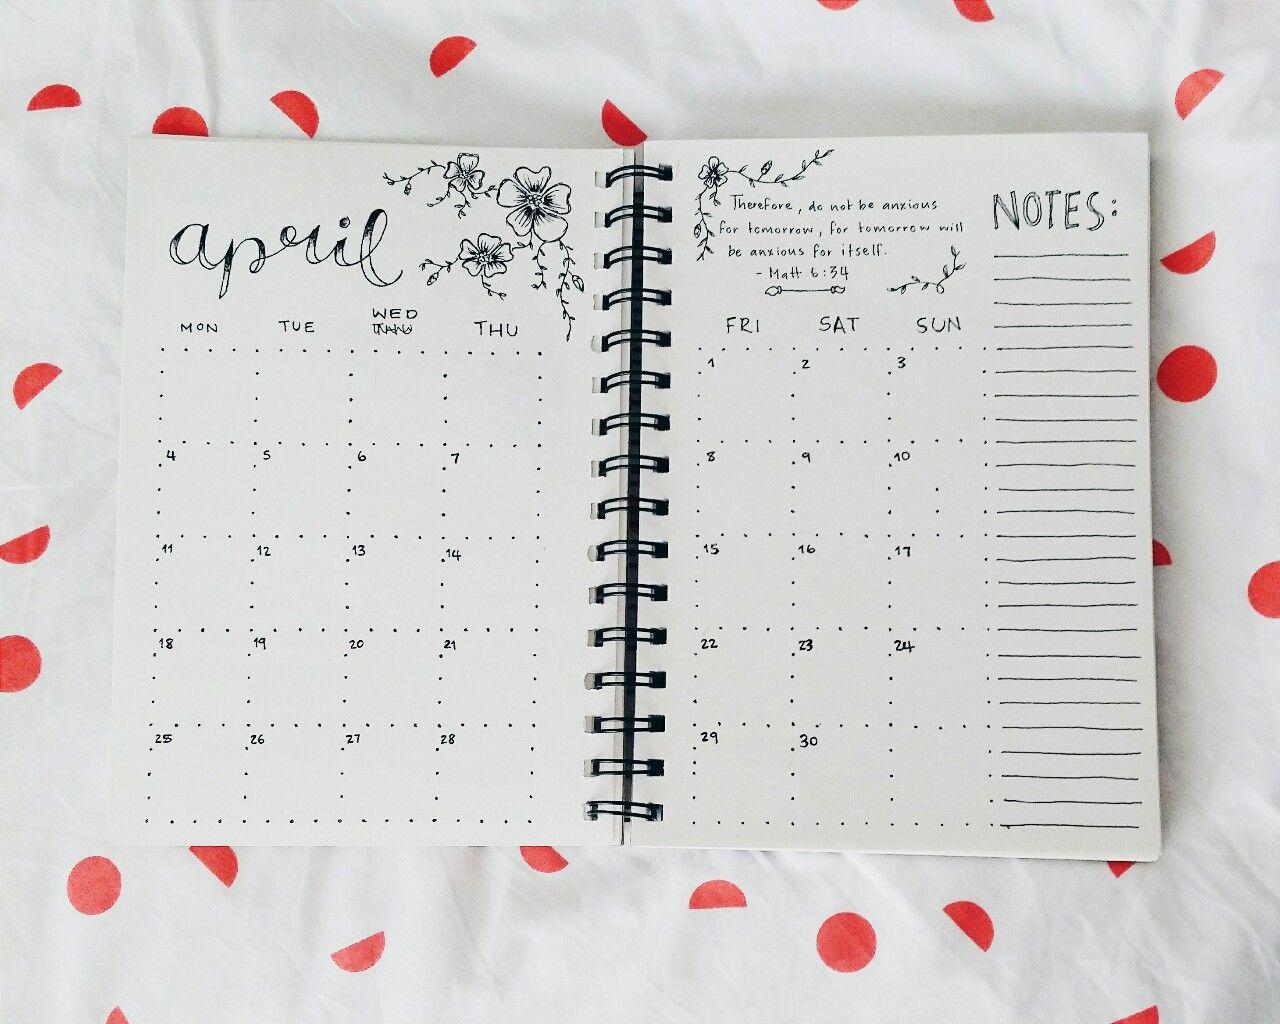 Calendar Ideas Tumblr : Bullet journal kalender ideen und tagebuch